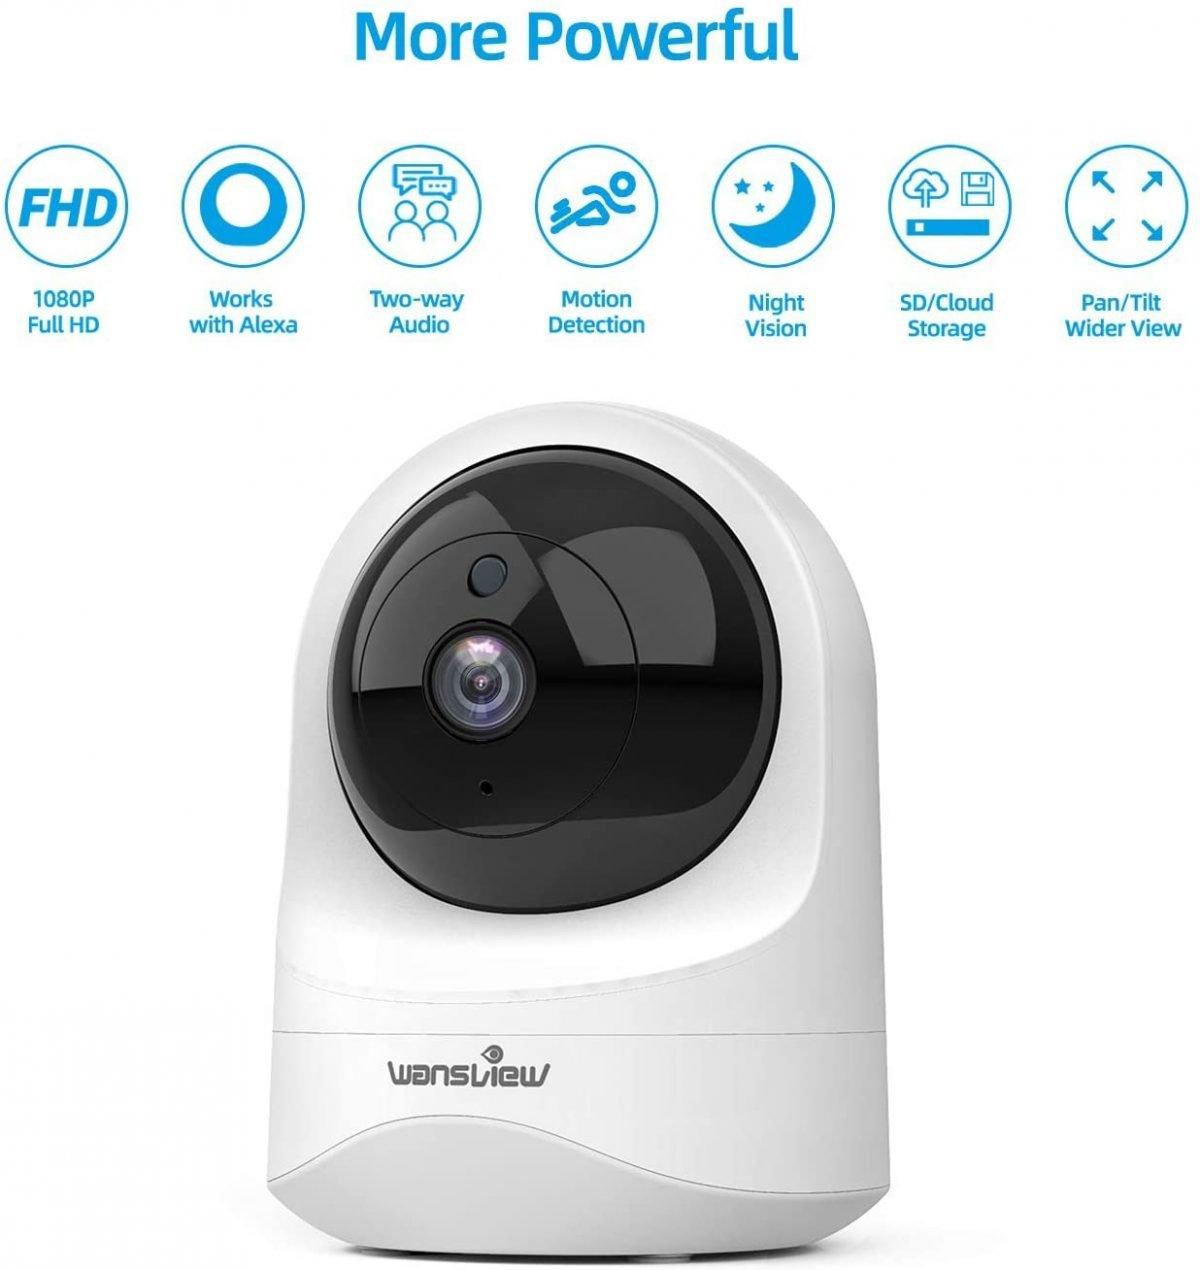 Cámara de seguridad inalámbrica para el hogar - Wansview 1080PHD